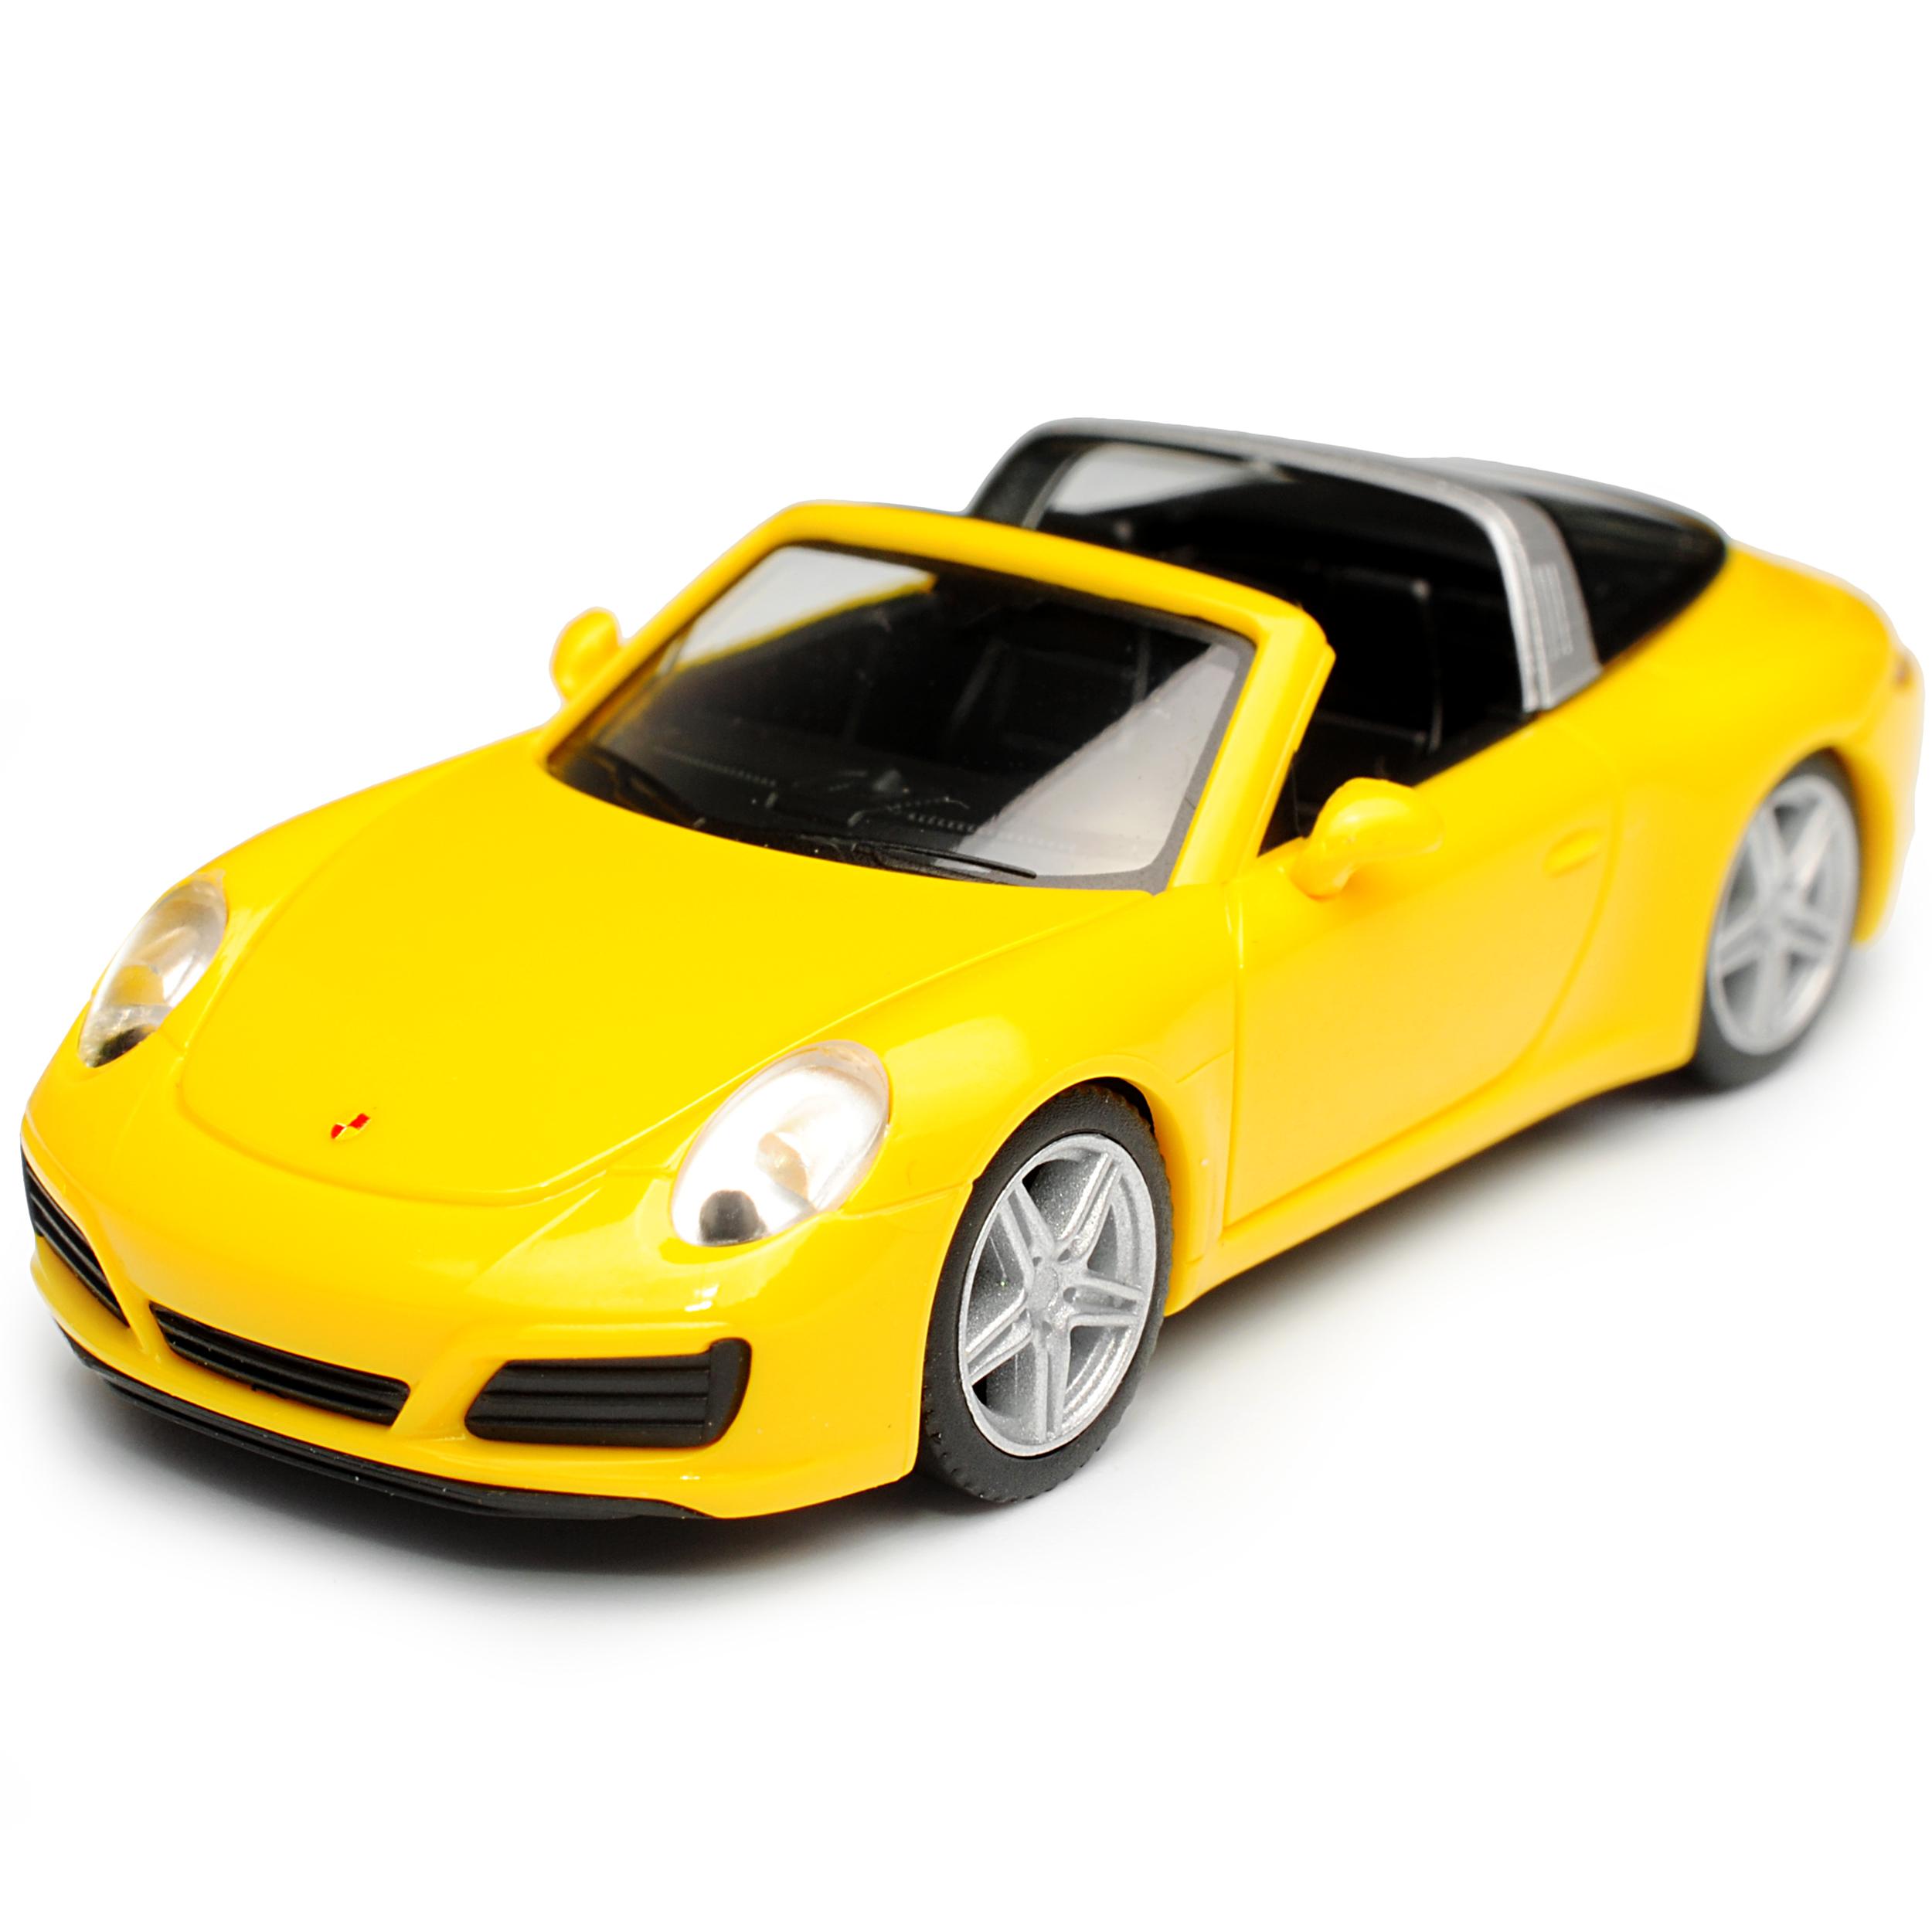 Porsche 911 991 Targa Cabrio Racing Gelb Modell Ab 2012 Ab Facelift 2015 H0 1//..